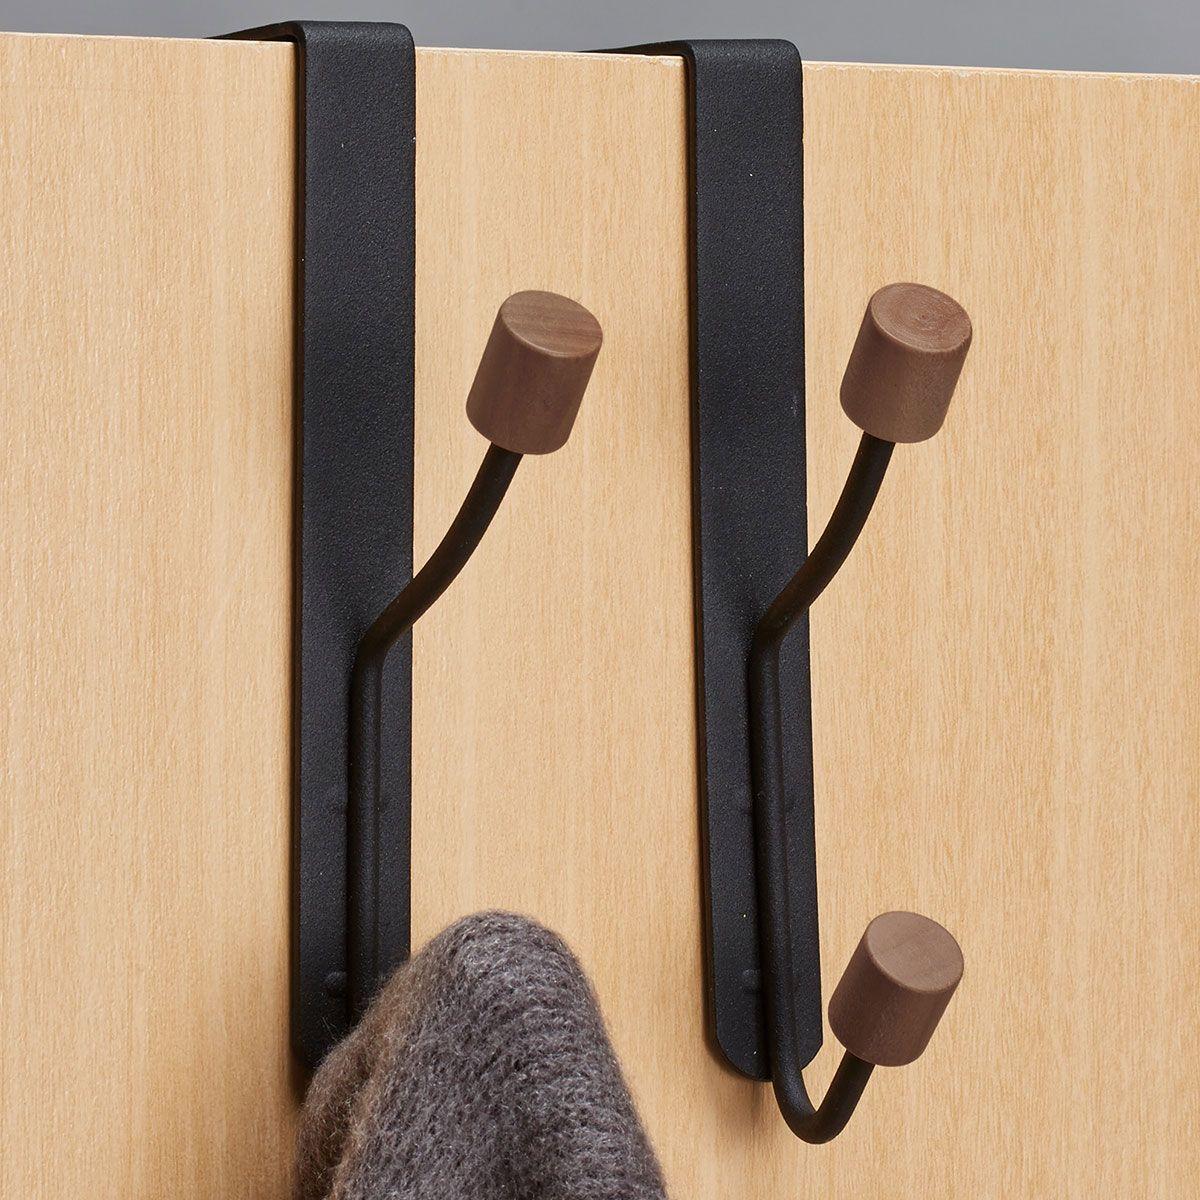 ニトリ ドアハンガー トヴァー 1連2個組通販 ドアハンガー ドア